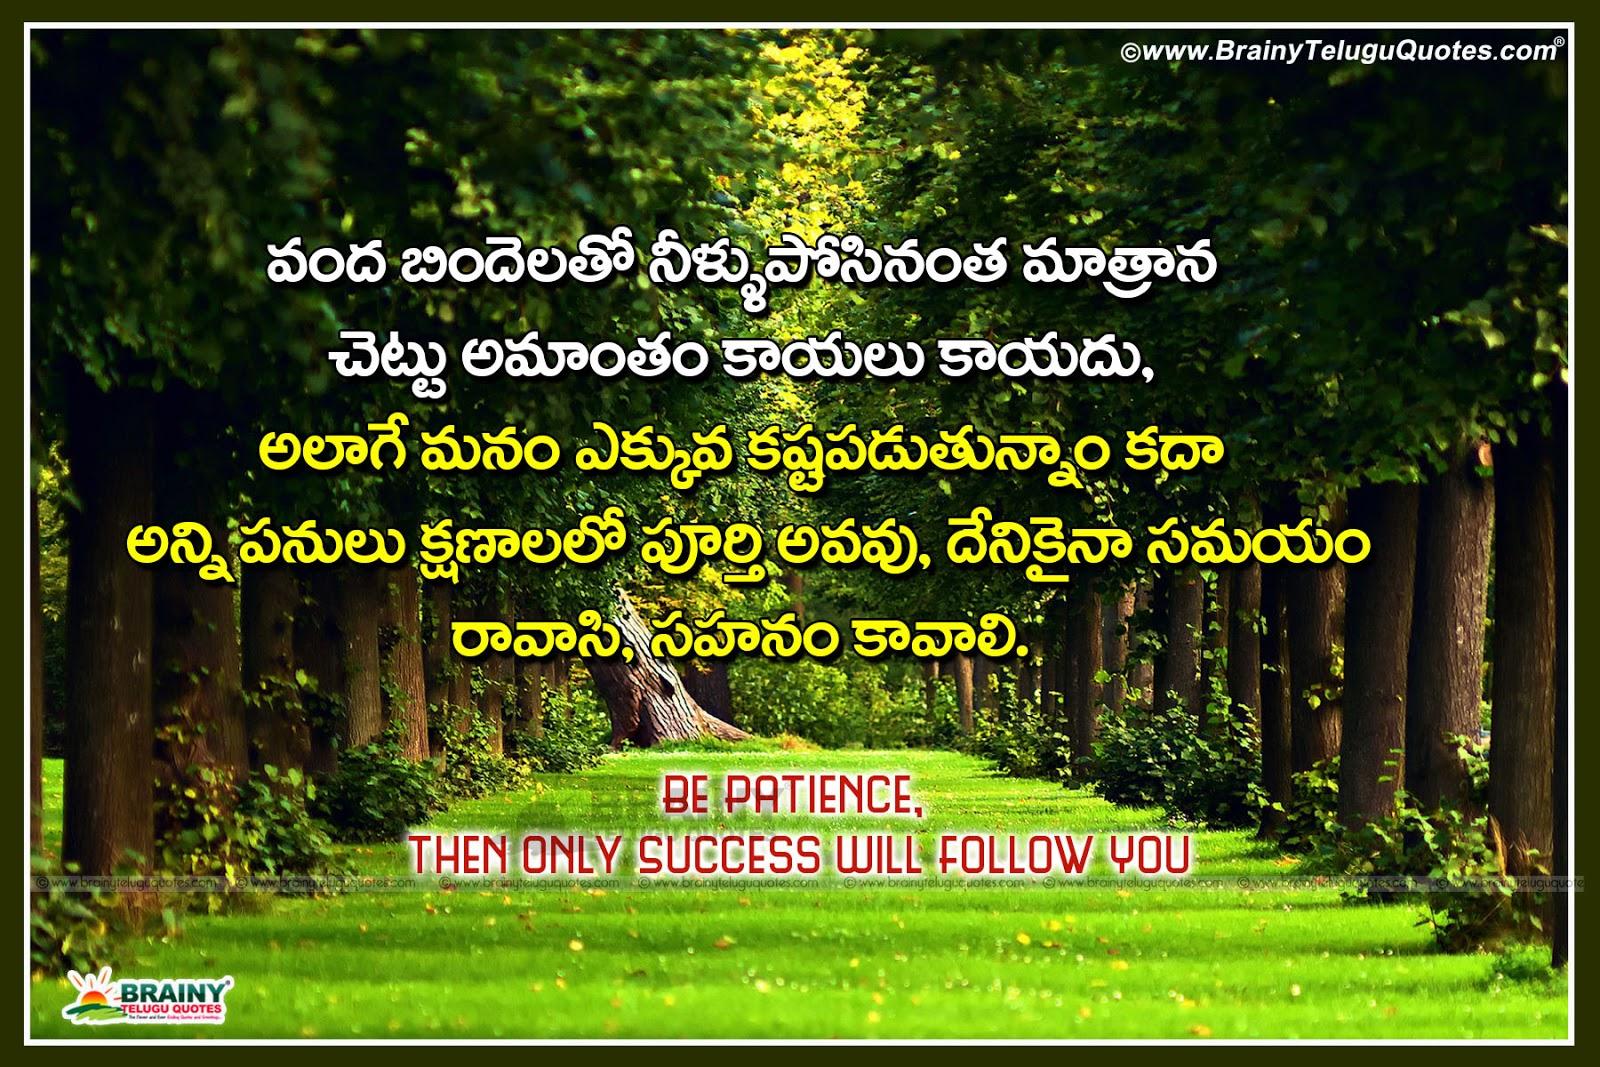 Success Quotes In Telugu, Inspirational Success Lines - Motivational Quotes On Success In Telugu - HD Wallpaper